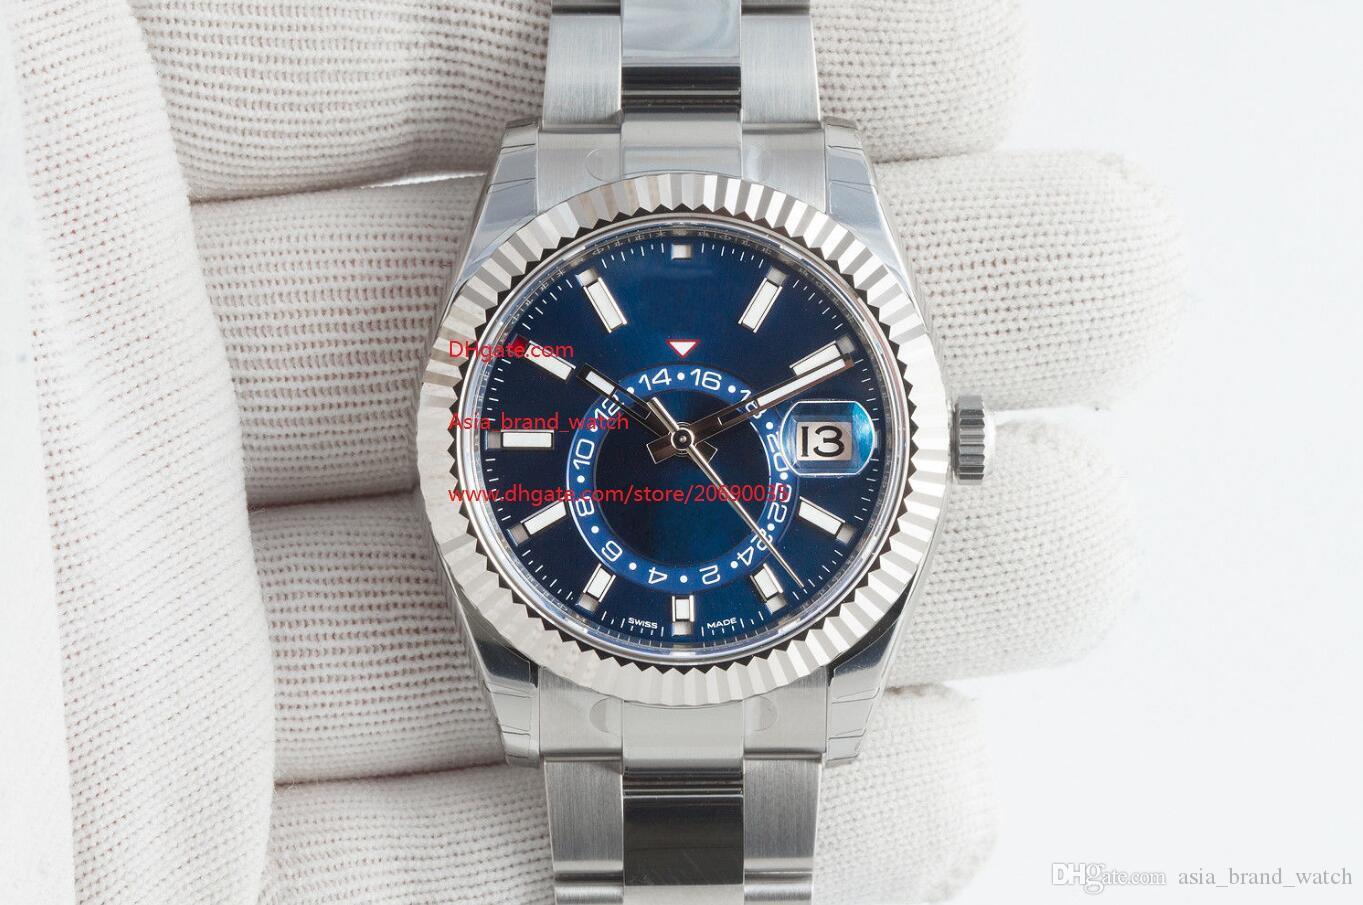 Frete grátis luxo de alta qualidade Assista 42 milímetros 326934 M326934-0003 Azul GMT aço inoxidável Workin automática Mens Watch Relógios